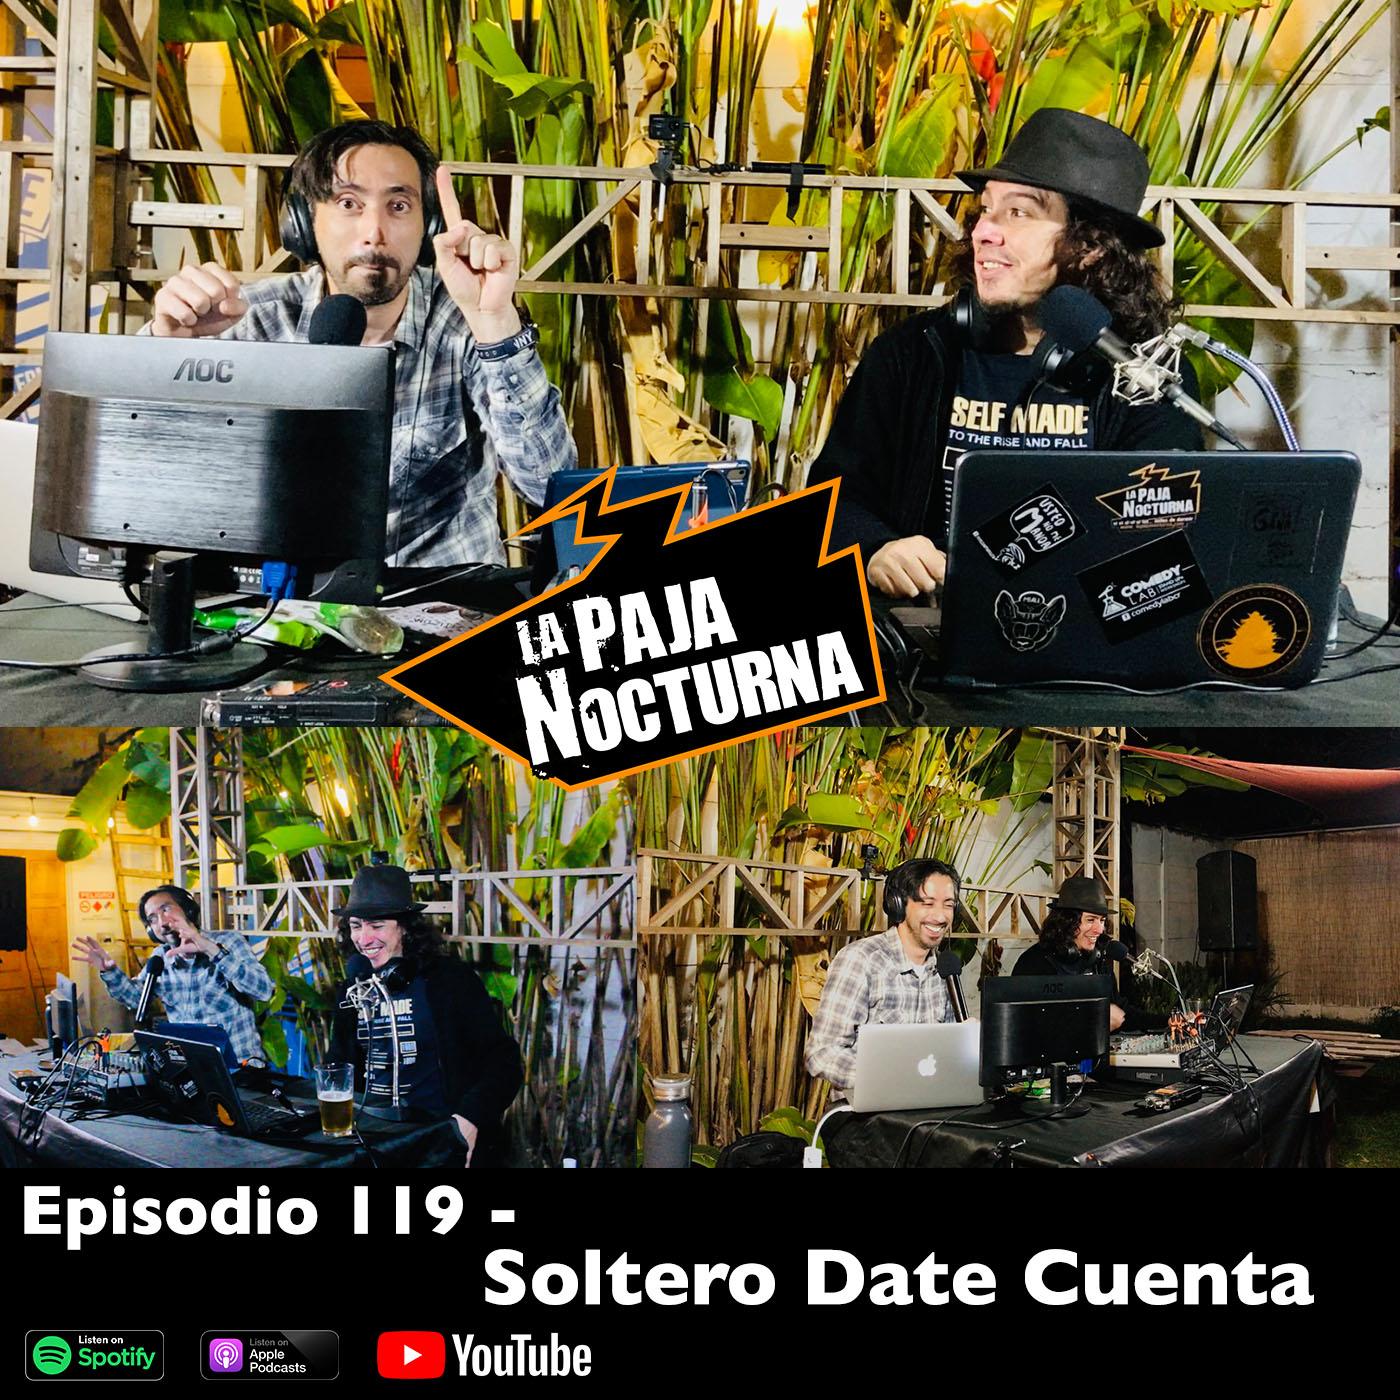 La paja nocturna podcast Episodio 119